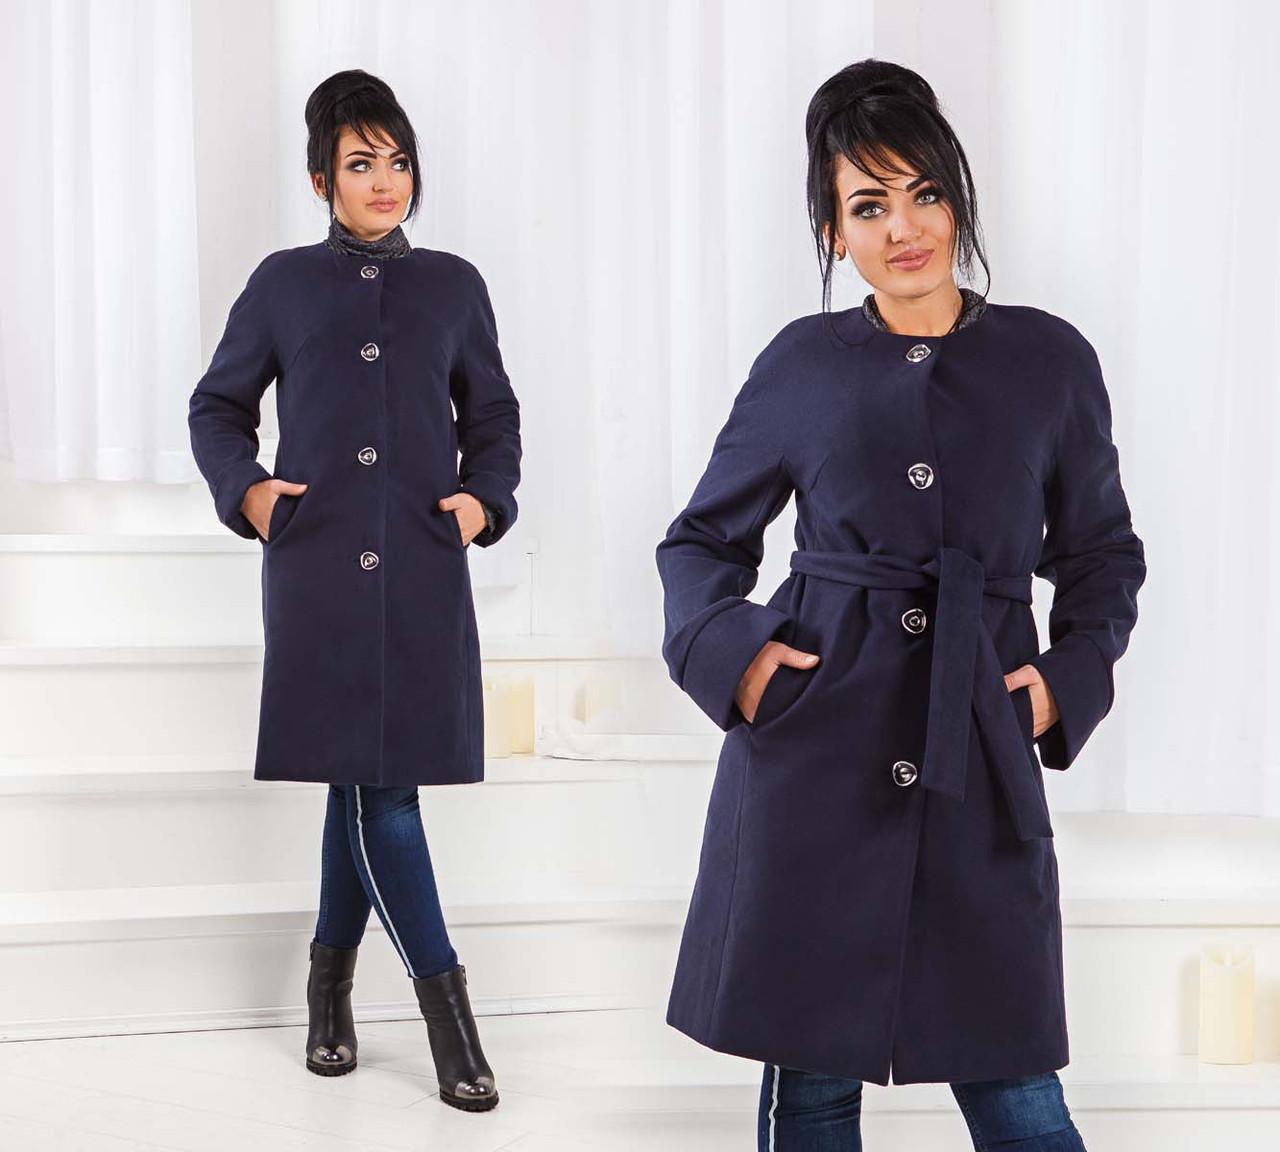 """Стильное женское пальто на синтепоне до больших размеров 467 """"Кашемир Реглан Пояс"""" в расцветках"""